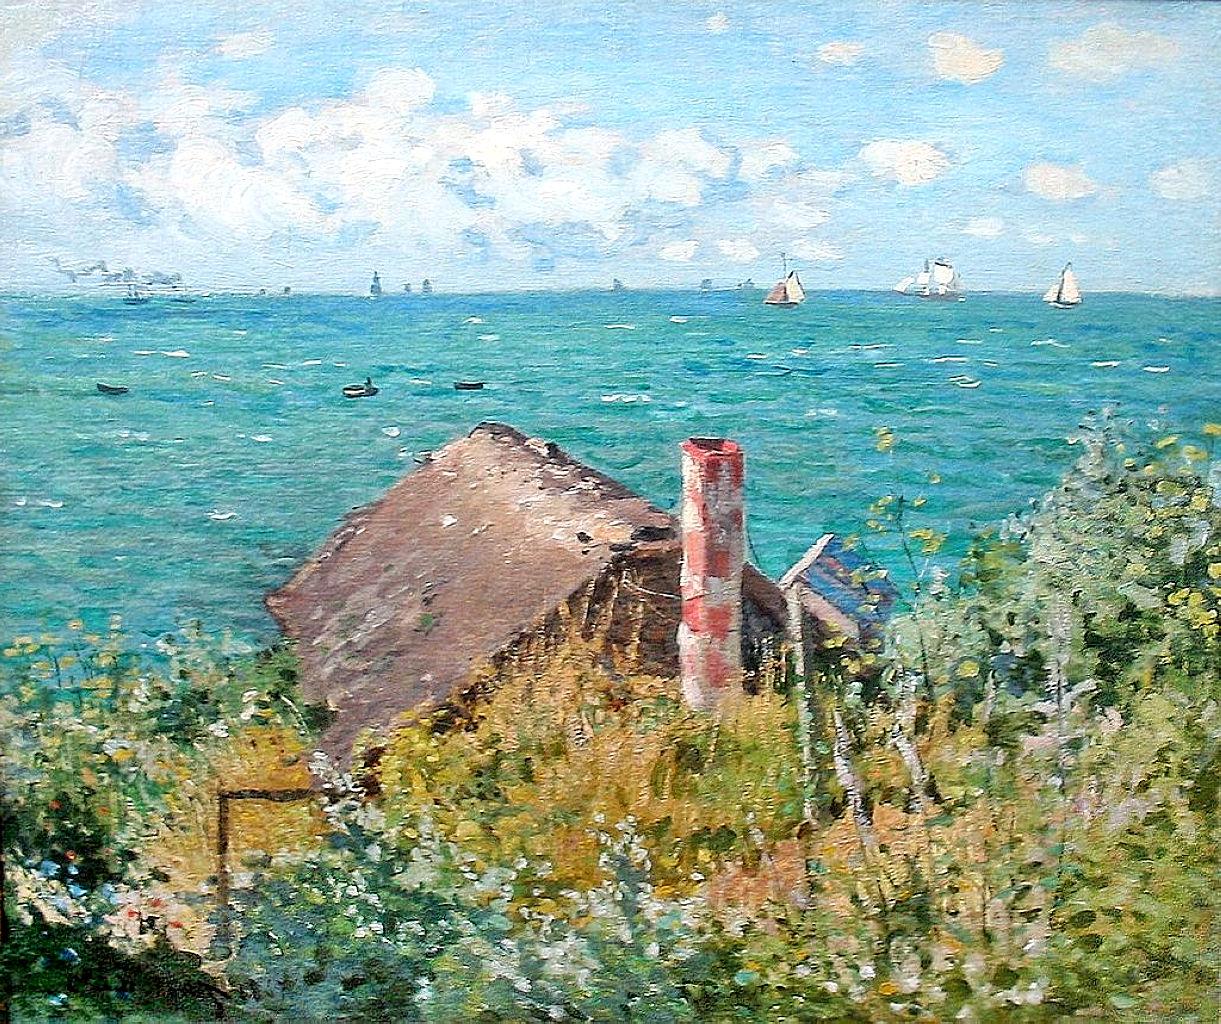 «Η καλύβα θα αποτυπωθεί και στη ζωγραφική των Monet, Van Gogh και Pippin, αλλά και στις μετέπειτα εικαστικές δημιουργίες των Tracey Emin, Will Ryman, Mary Mattingly, Richard Barnes και Phillip K. Smith ΙΙΙ». (Πίνακας: Claude Monet, «The Cabin at Saint-Adresse», 1867)